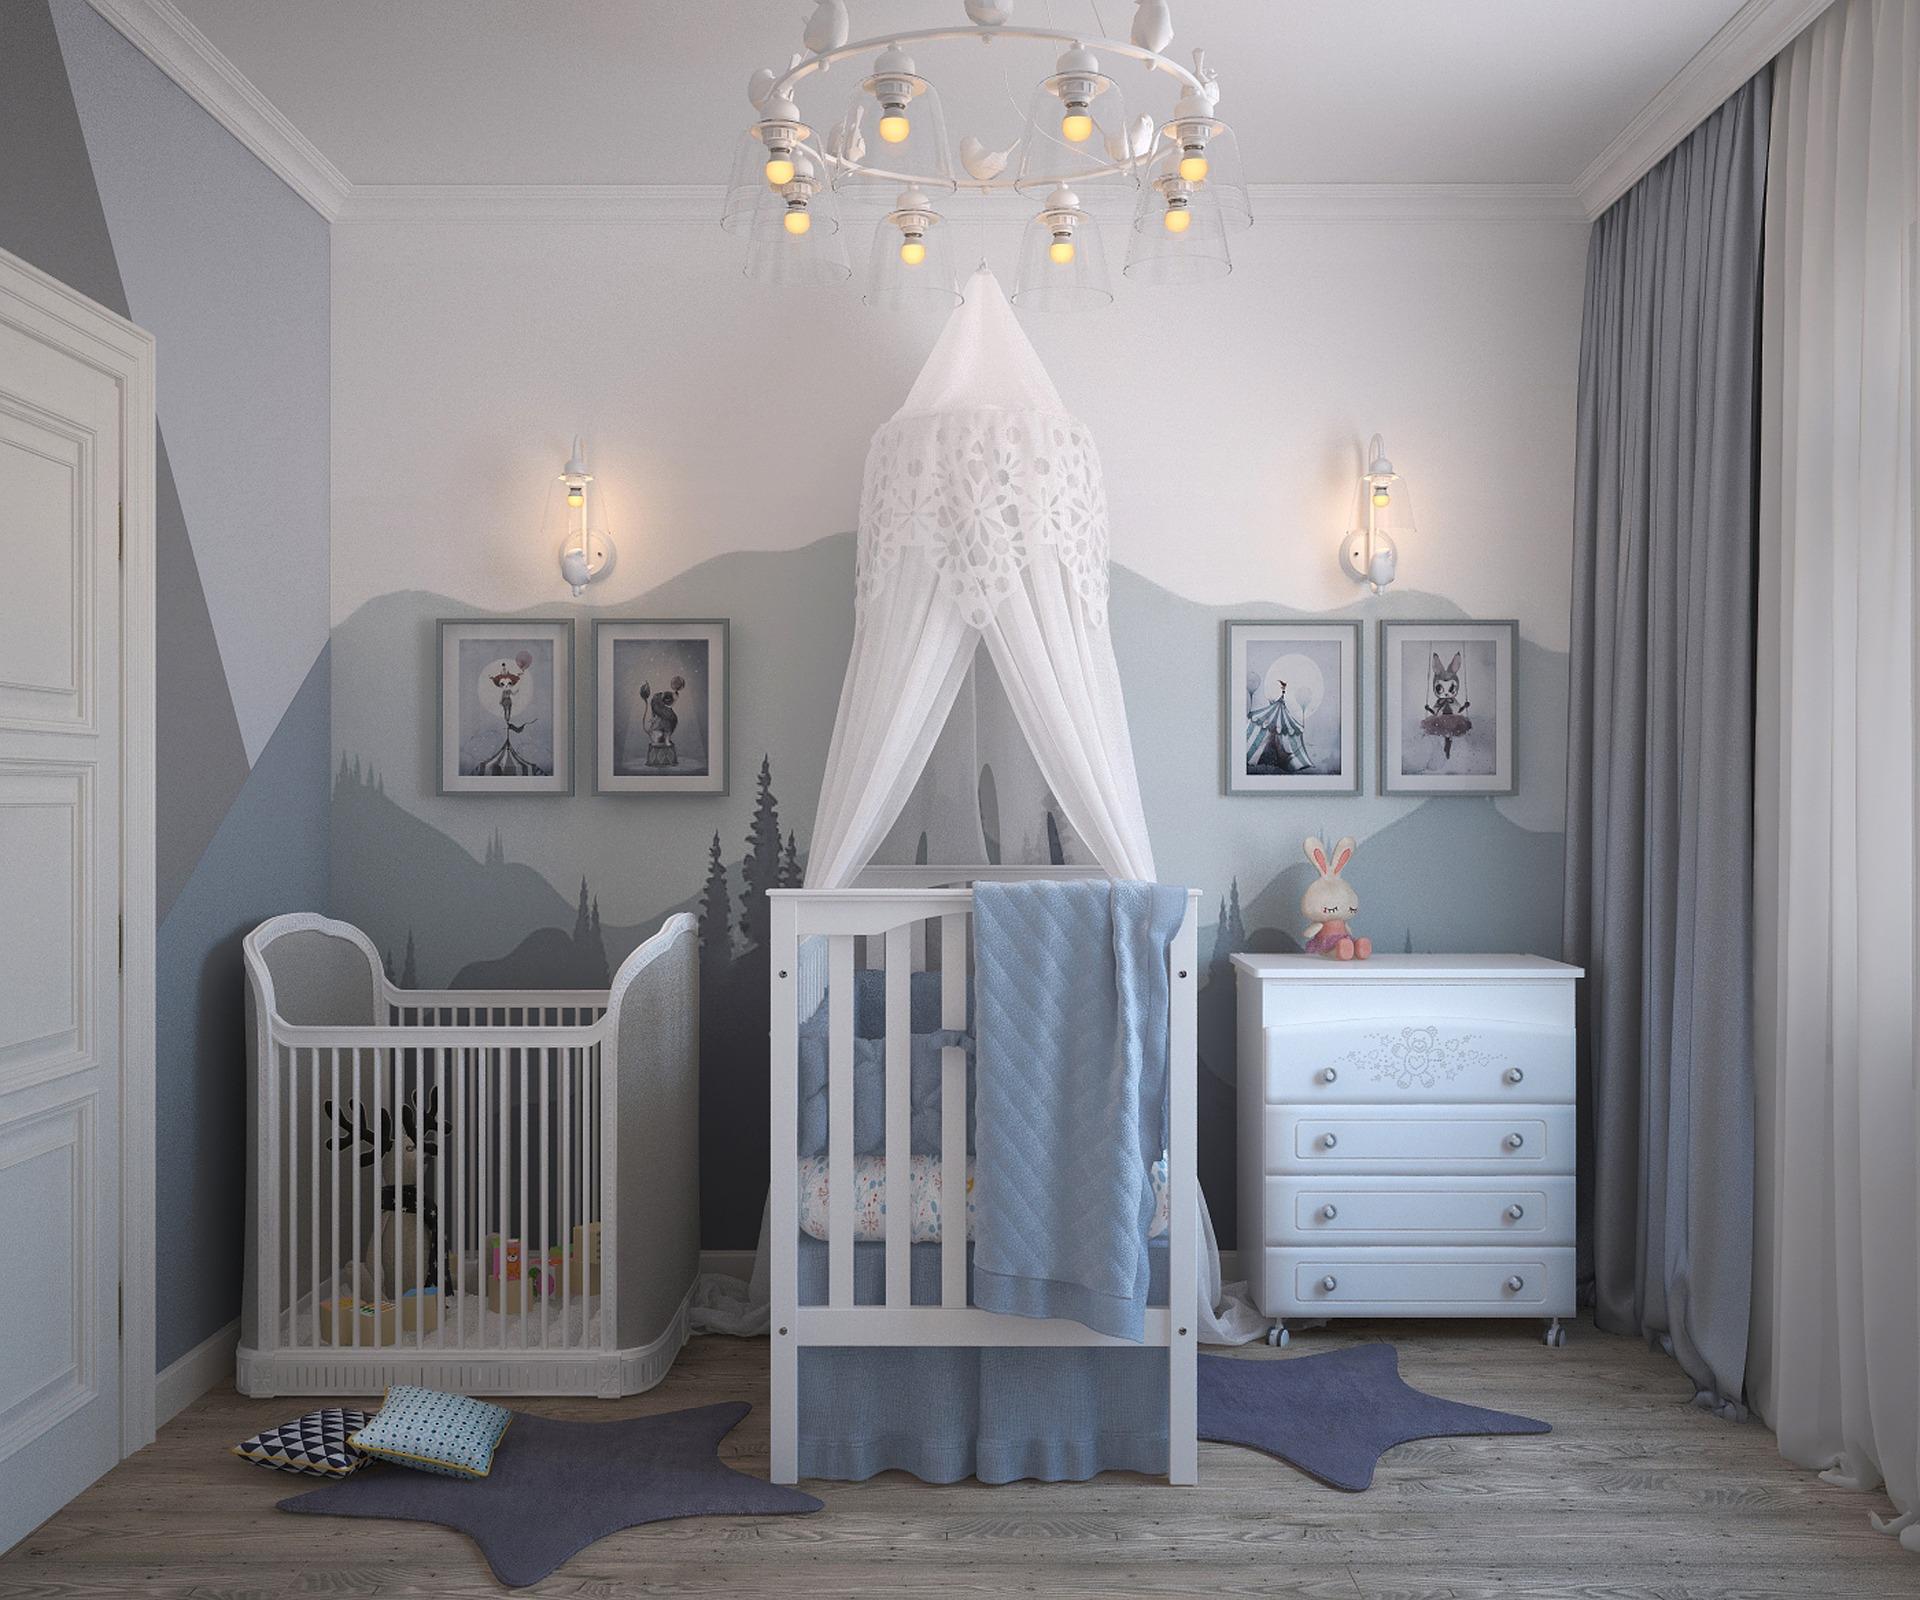 Berceau ou lit à barreaux : comment choisir le lit de bébé ? | Avis ...